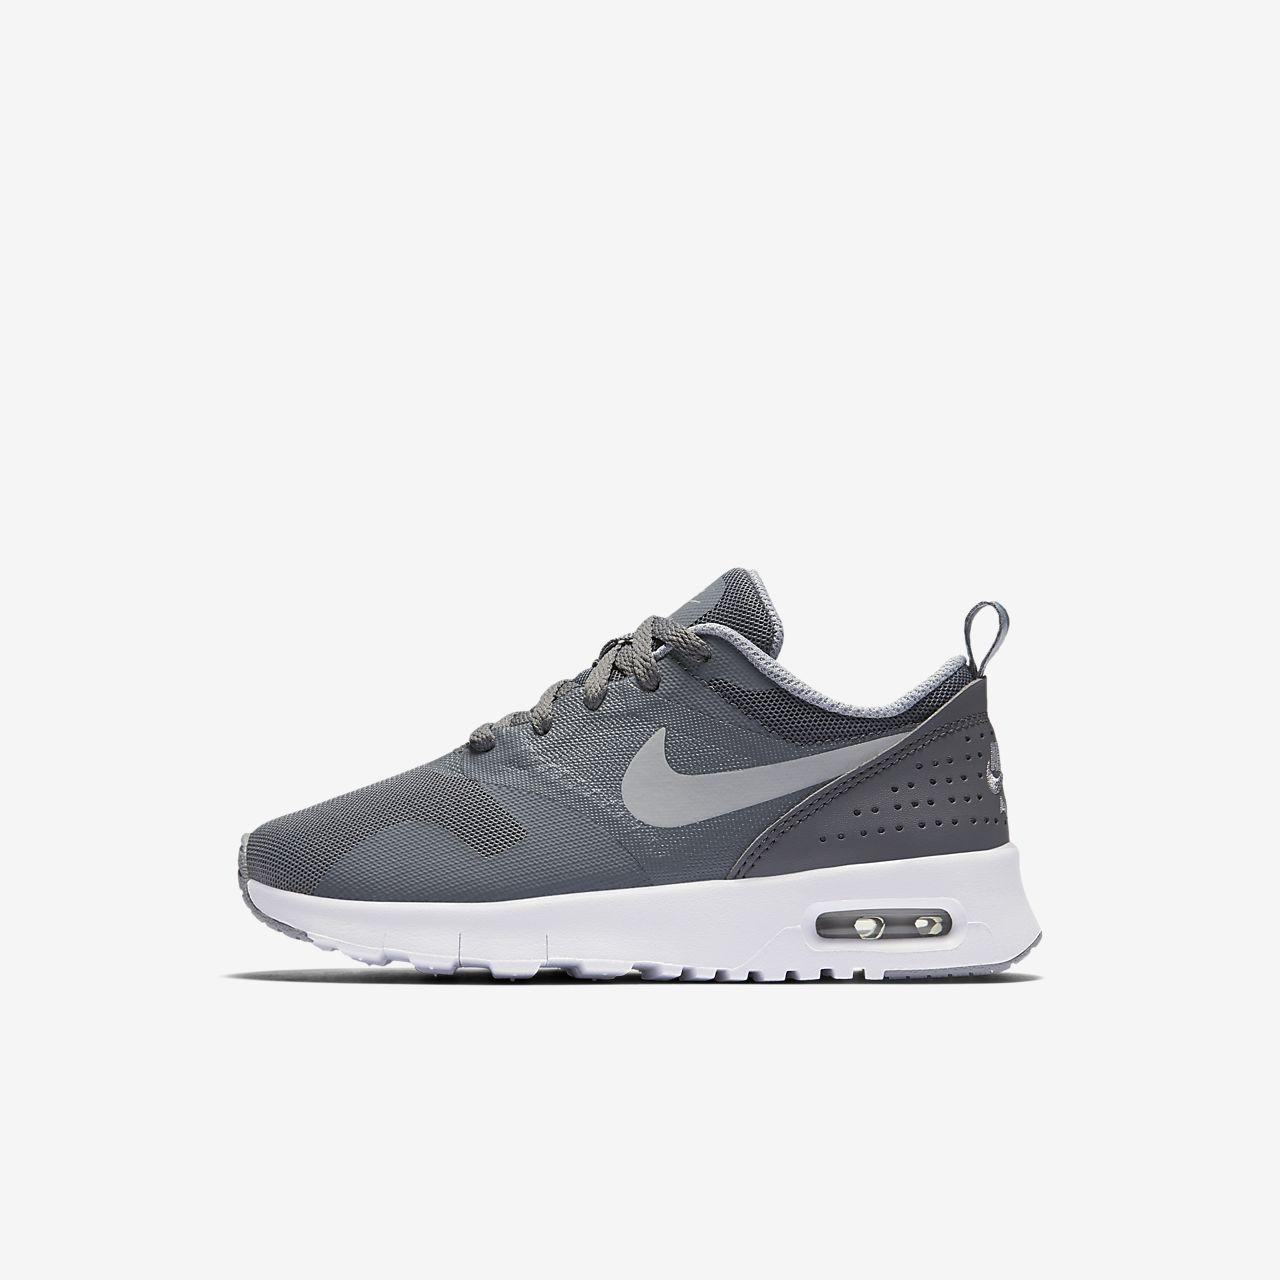 ... Chaussure Nike Air Max Tavas pour Jeune enfant